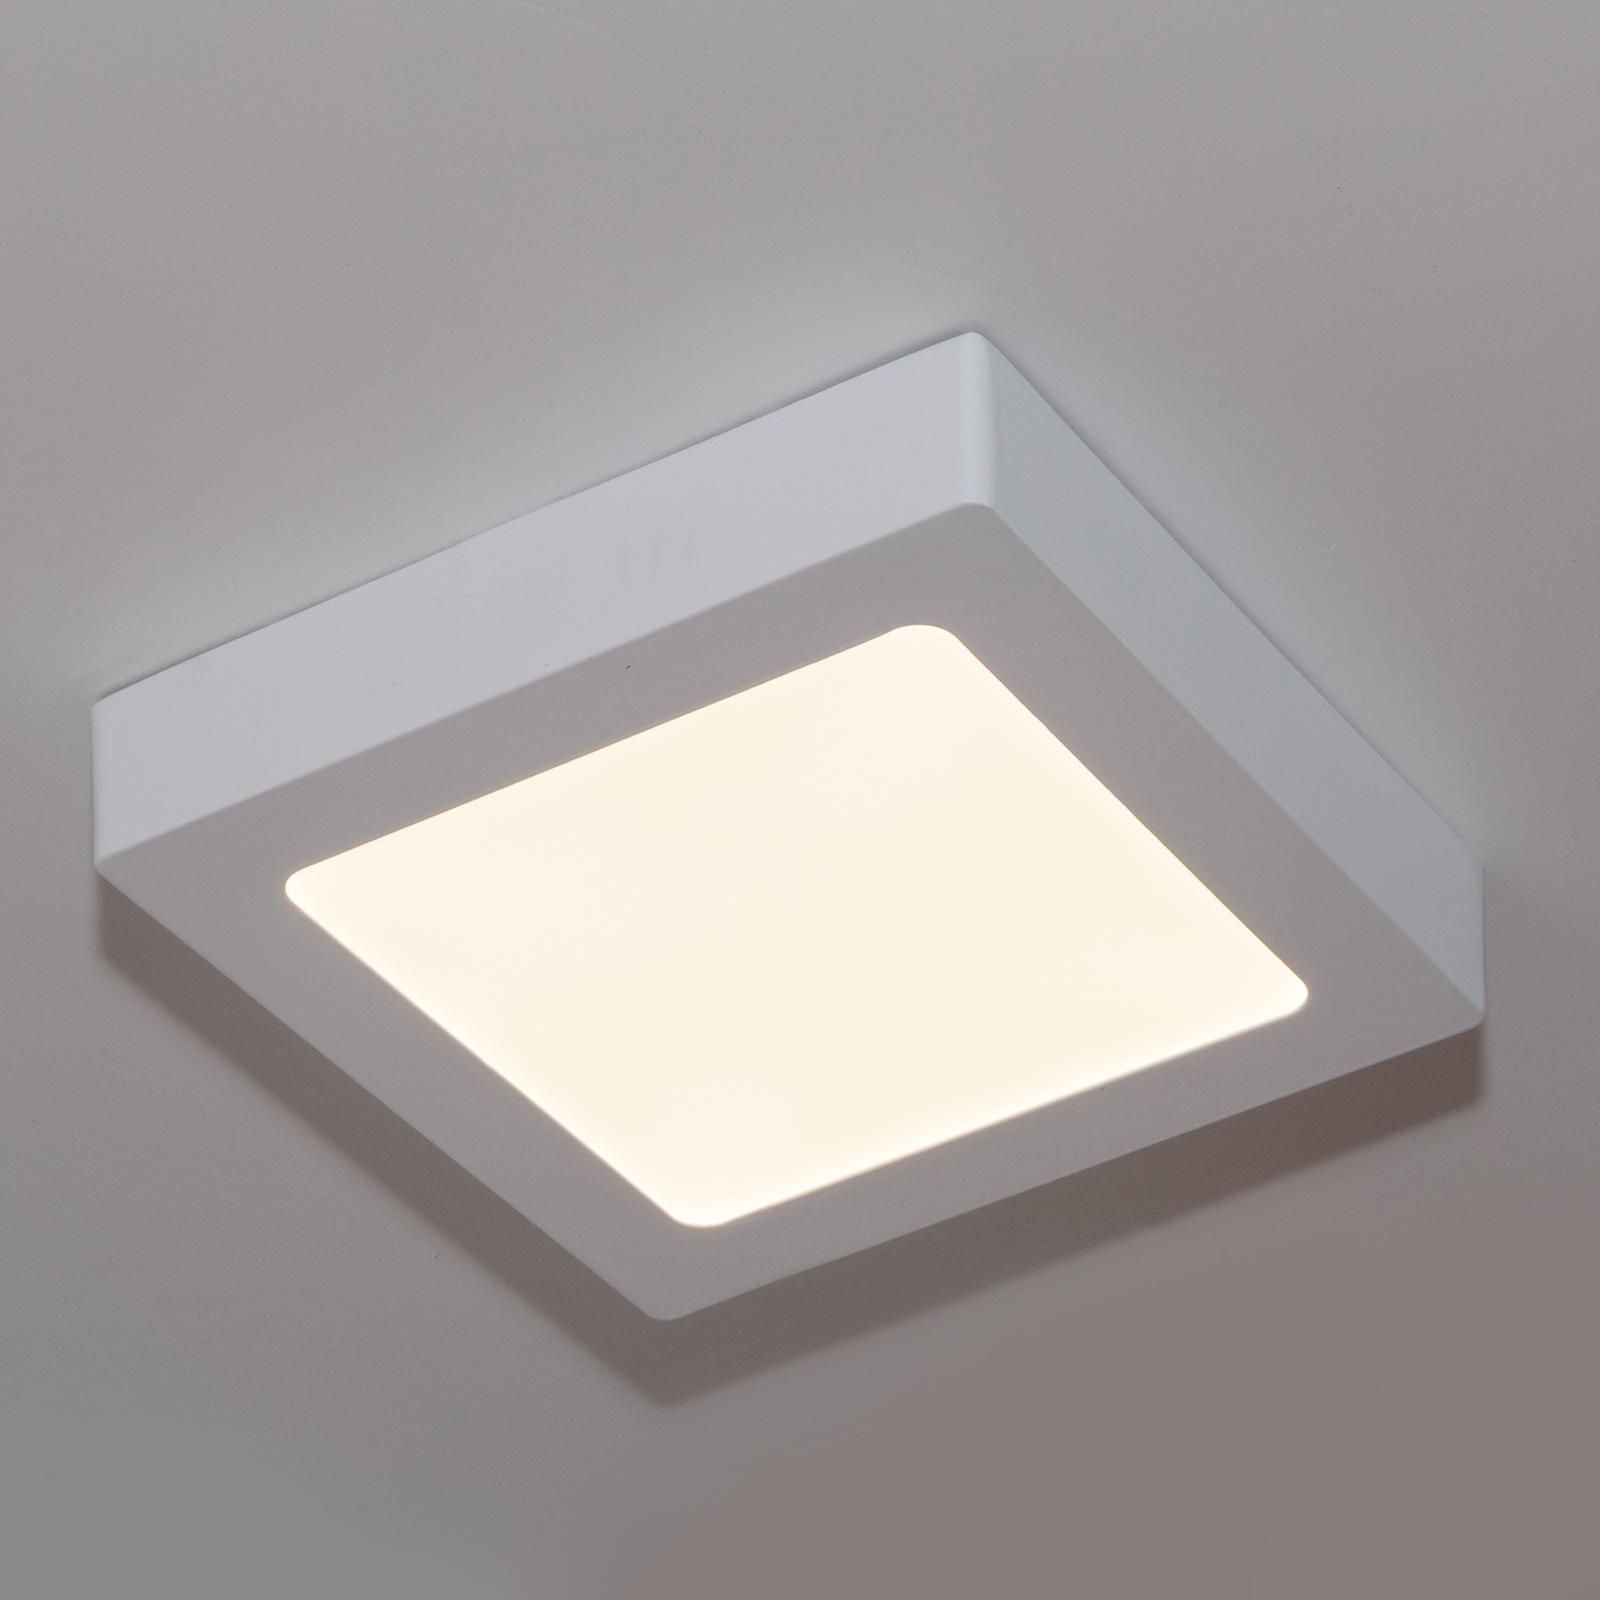 Illuminazione Bagno A Parete plafoniera led a soffitto 12w 60 led potenza 130w luce bianco caldo 3000k  230v